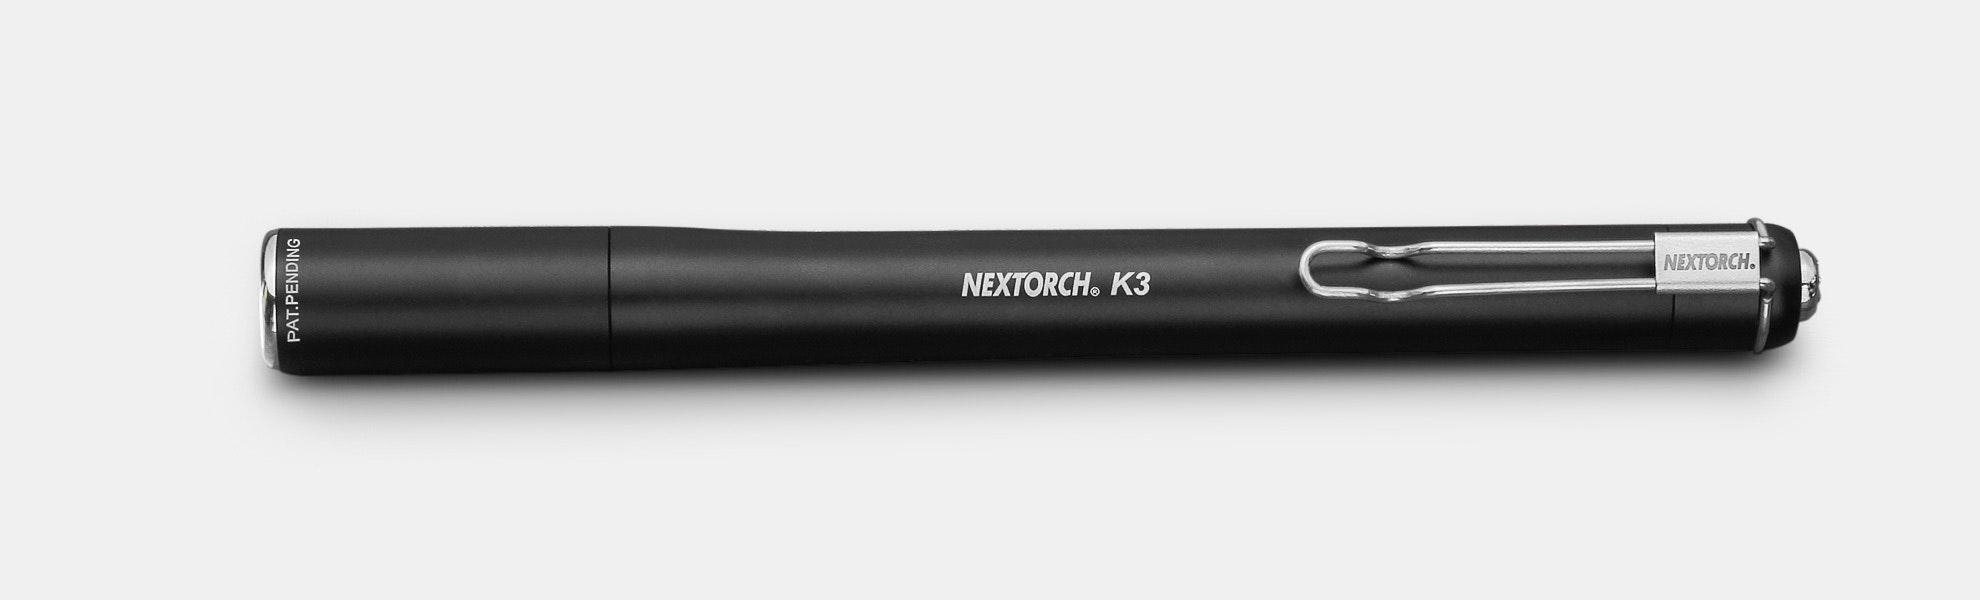 Nextorch K3 Penlight 2xAAA Flashlight